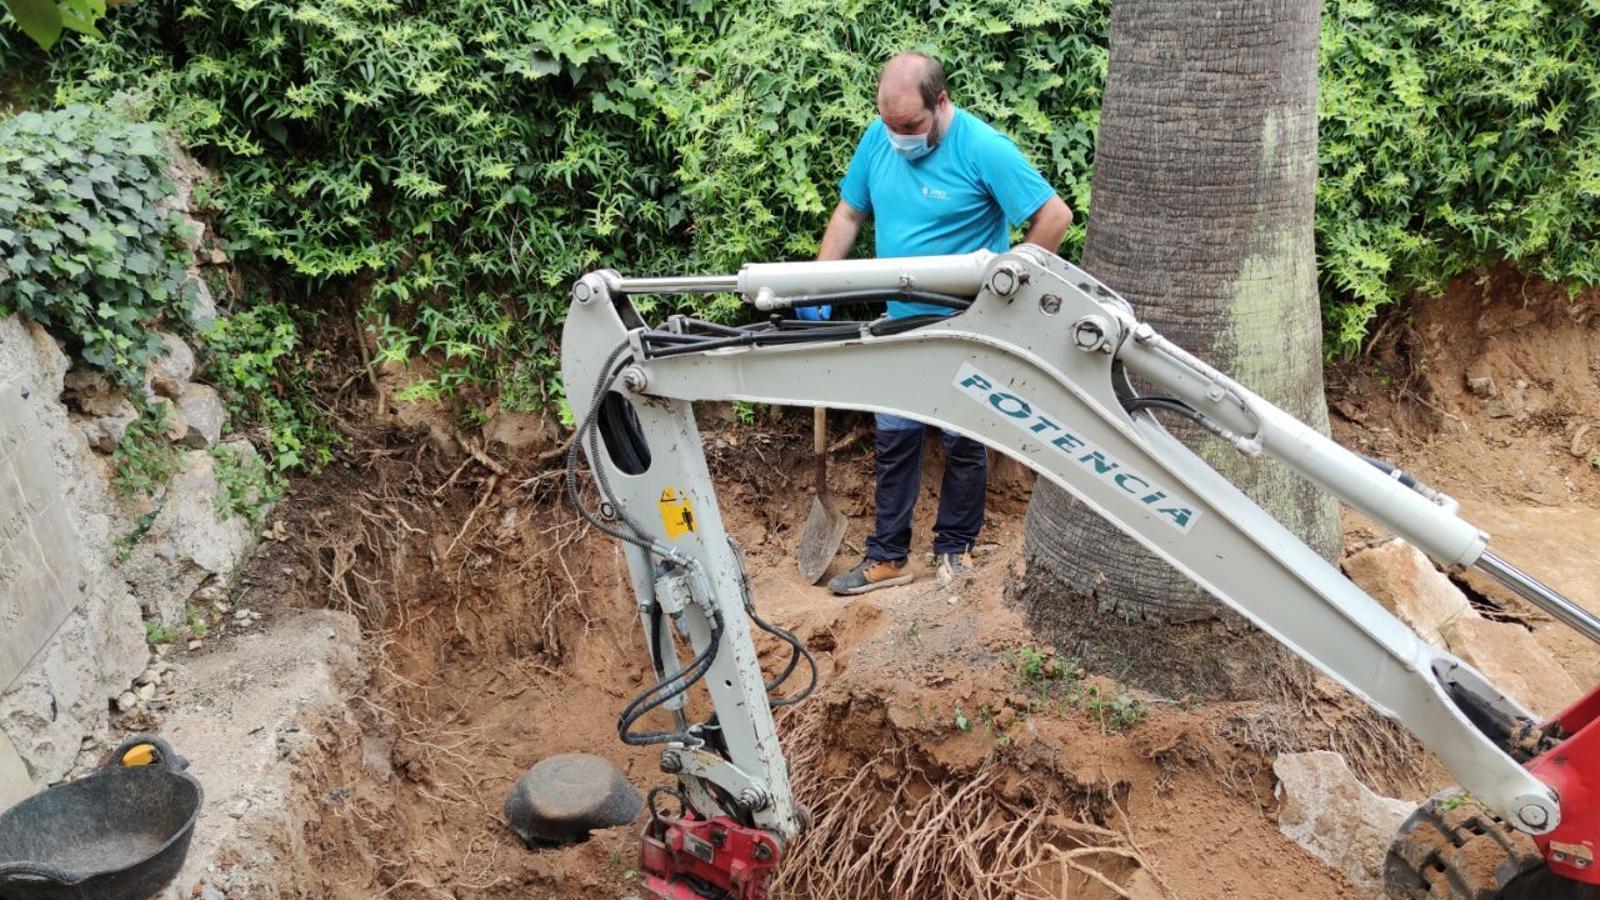 Les tasques de la segona fase d'exhumació de la fossa de Sencelles han començat a les 8.30 h